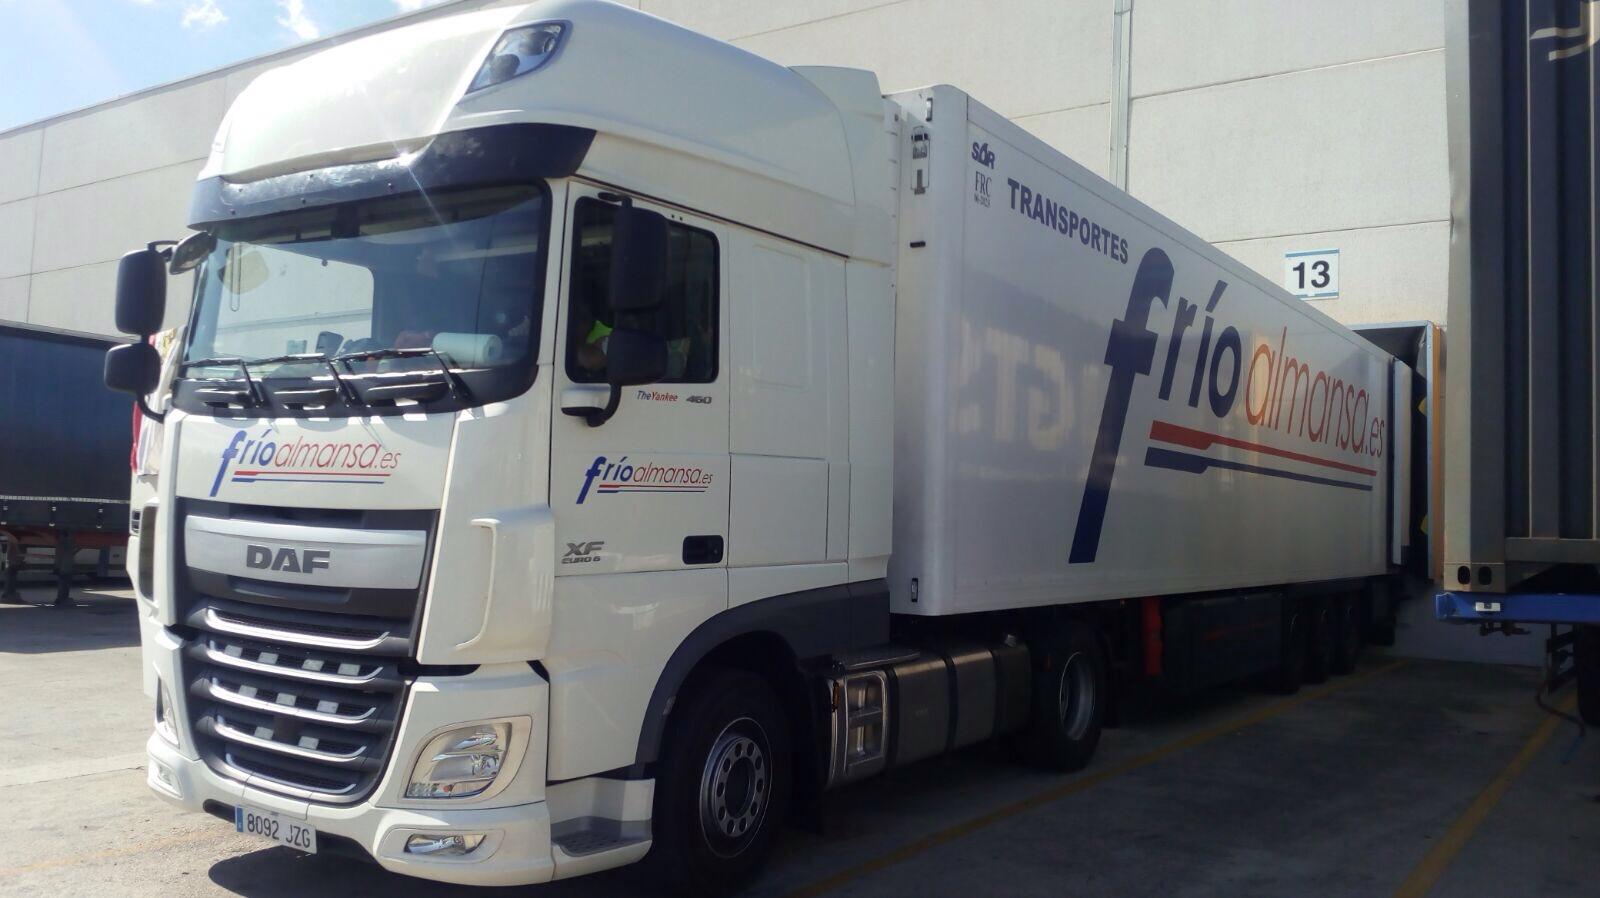 transportes internacionales frio almansa transporte por carretera de mercancía congelada en grupaje6